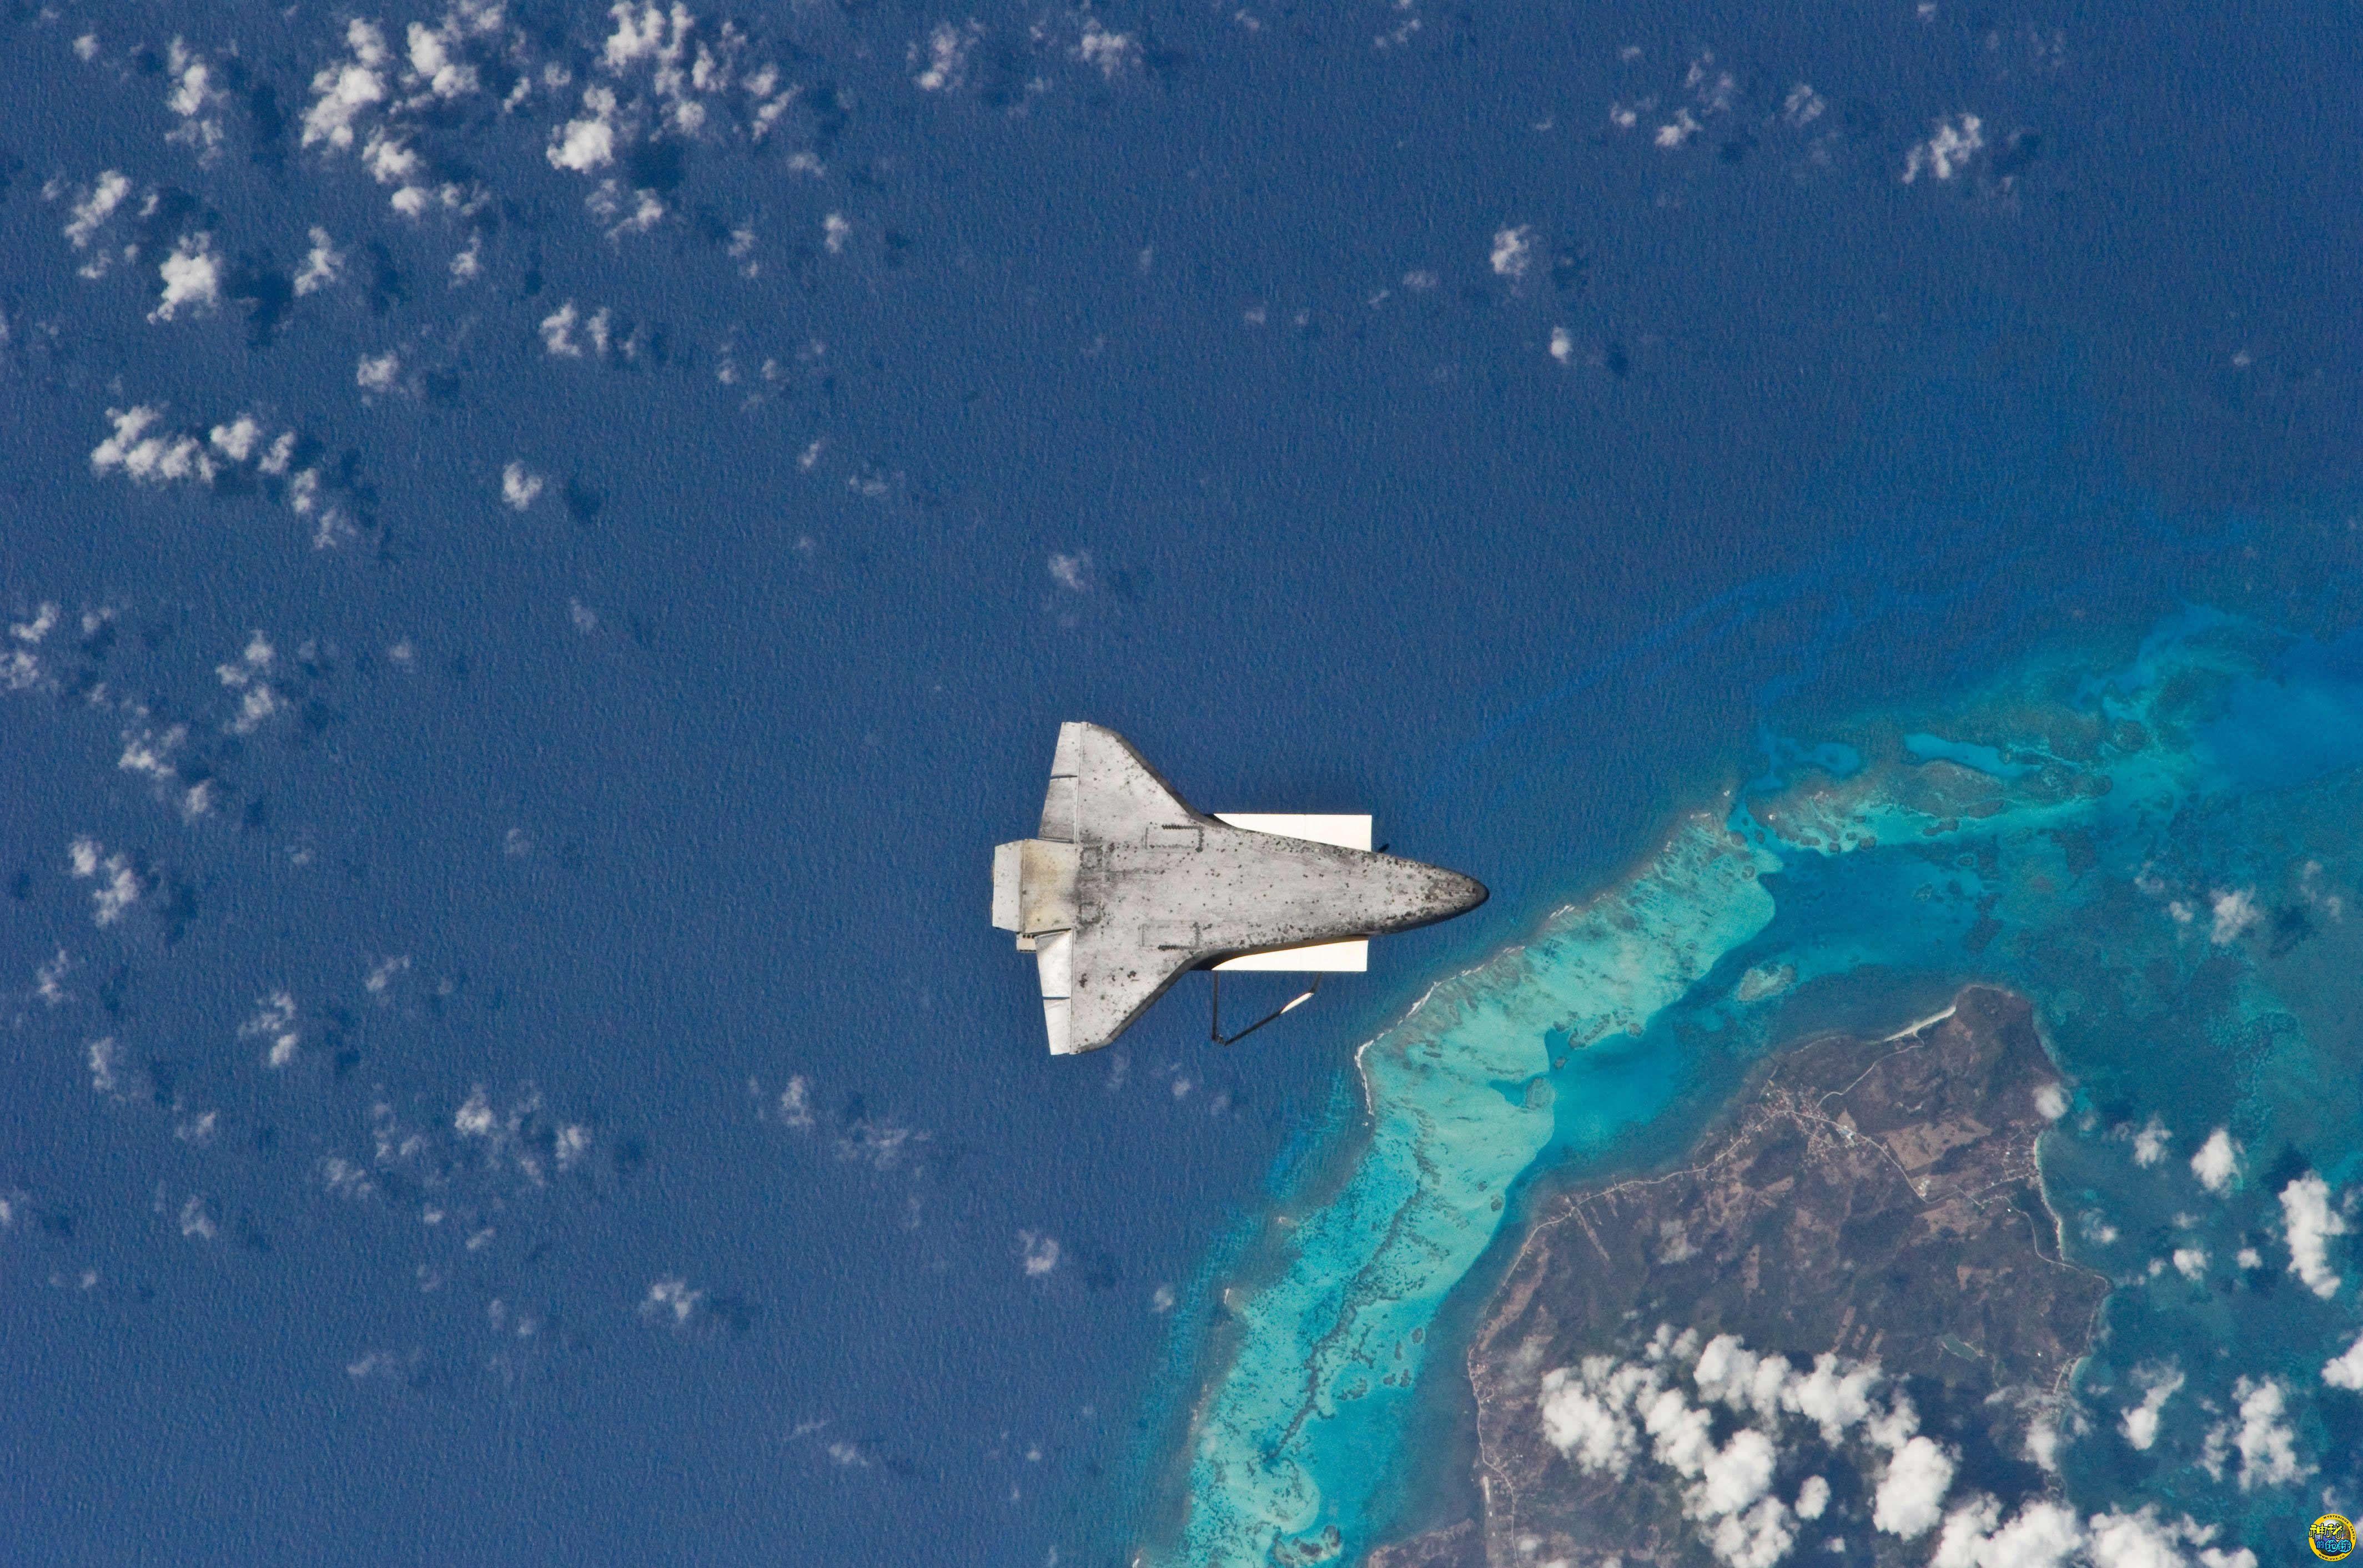 科幻太空飞机壁纸